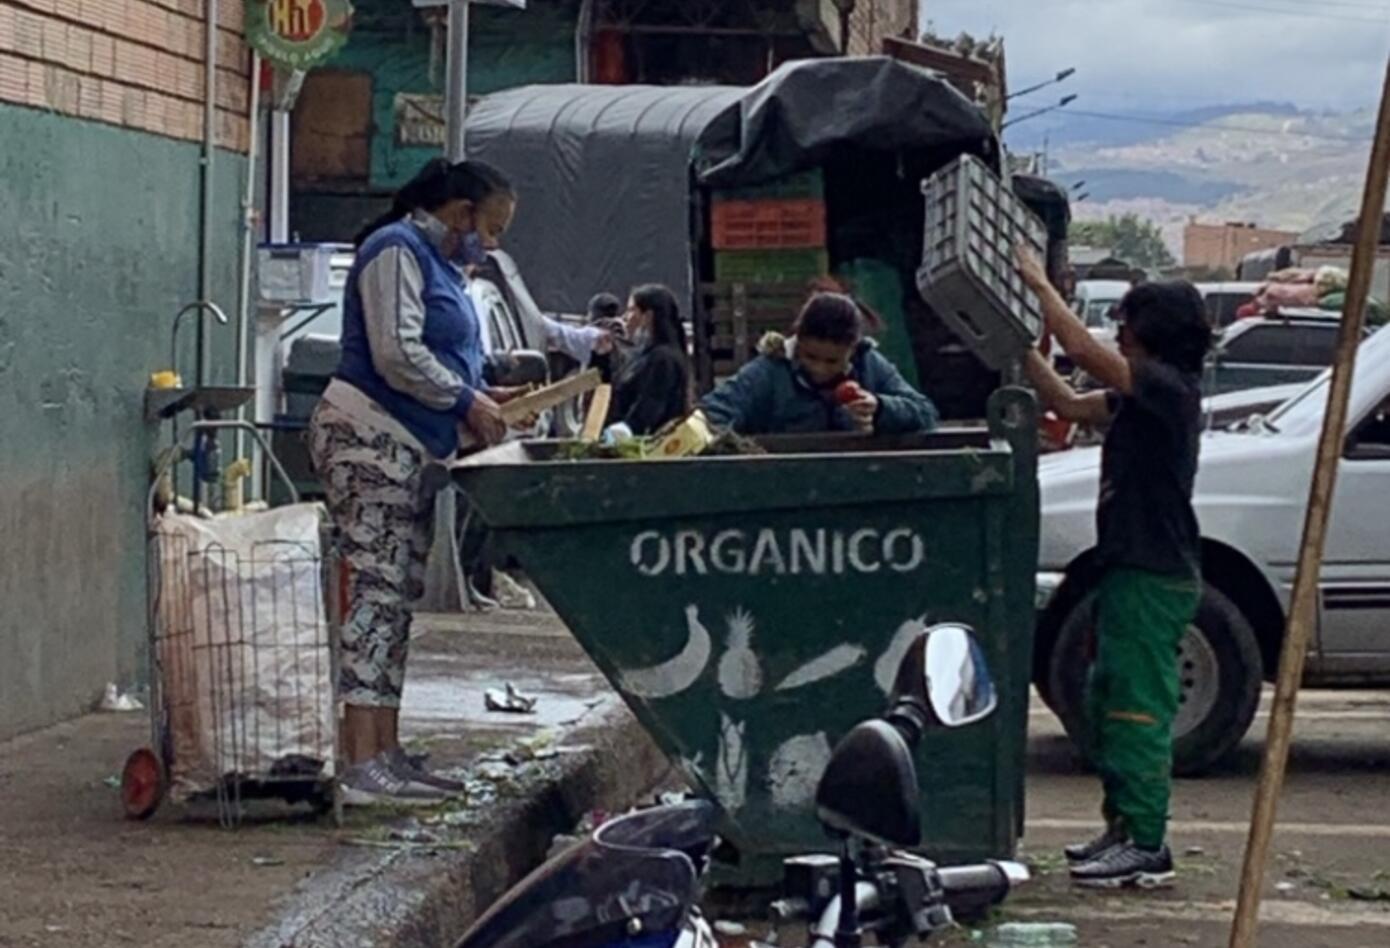 Reciclando alimentos en Corabastos